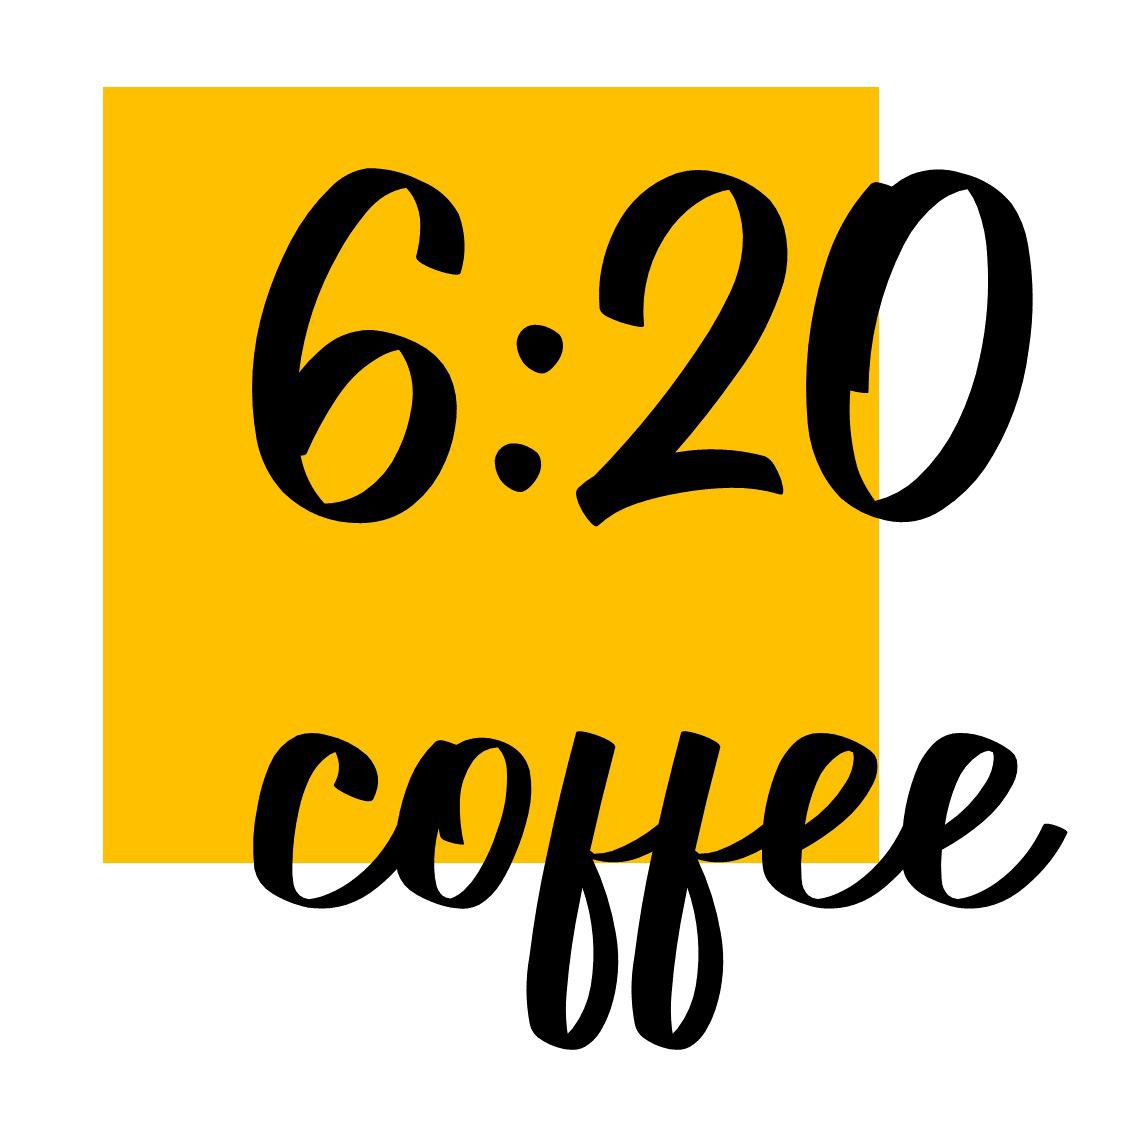 6:20 coffee